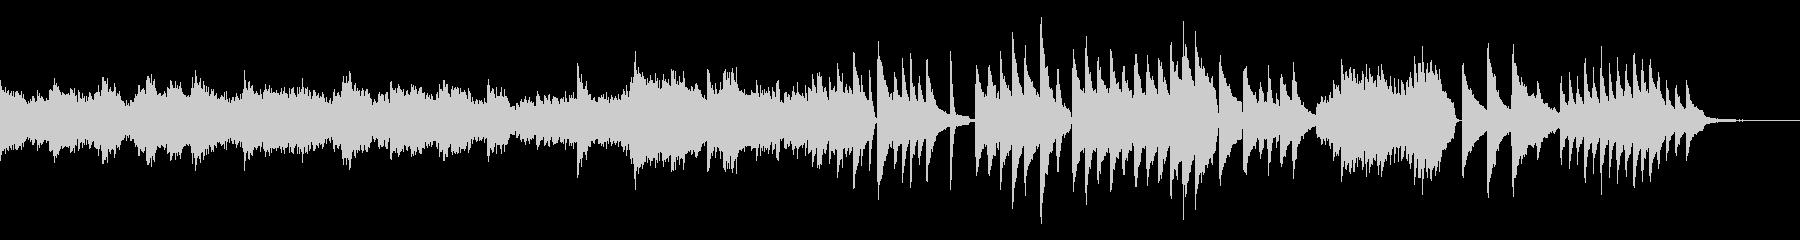 生ピアノ 幻想的 ドラマチック 映像 の未再生の波形